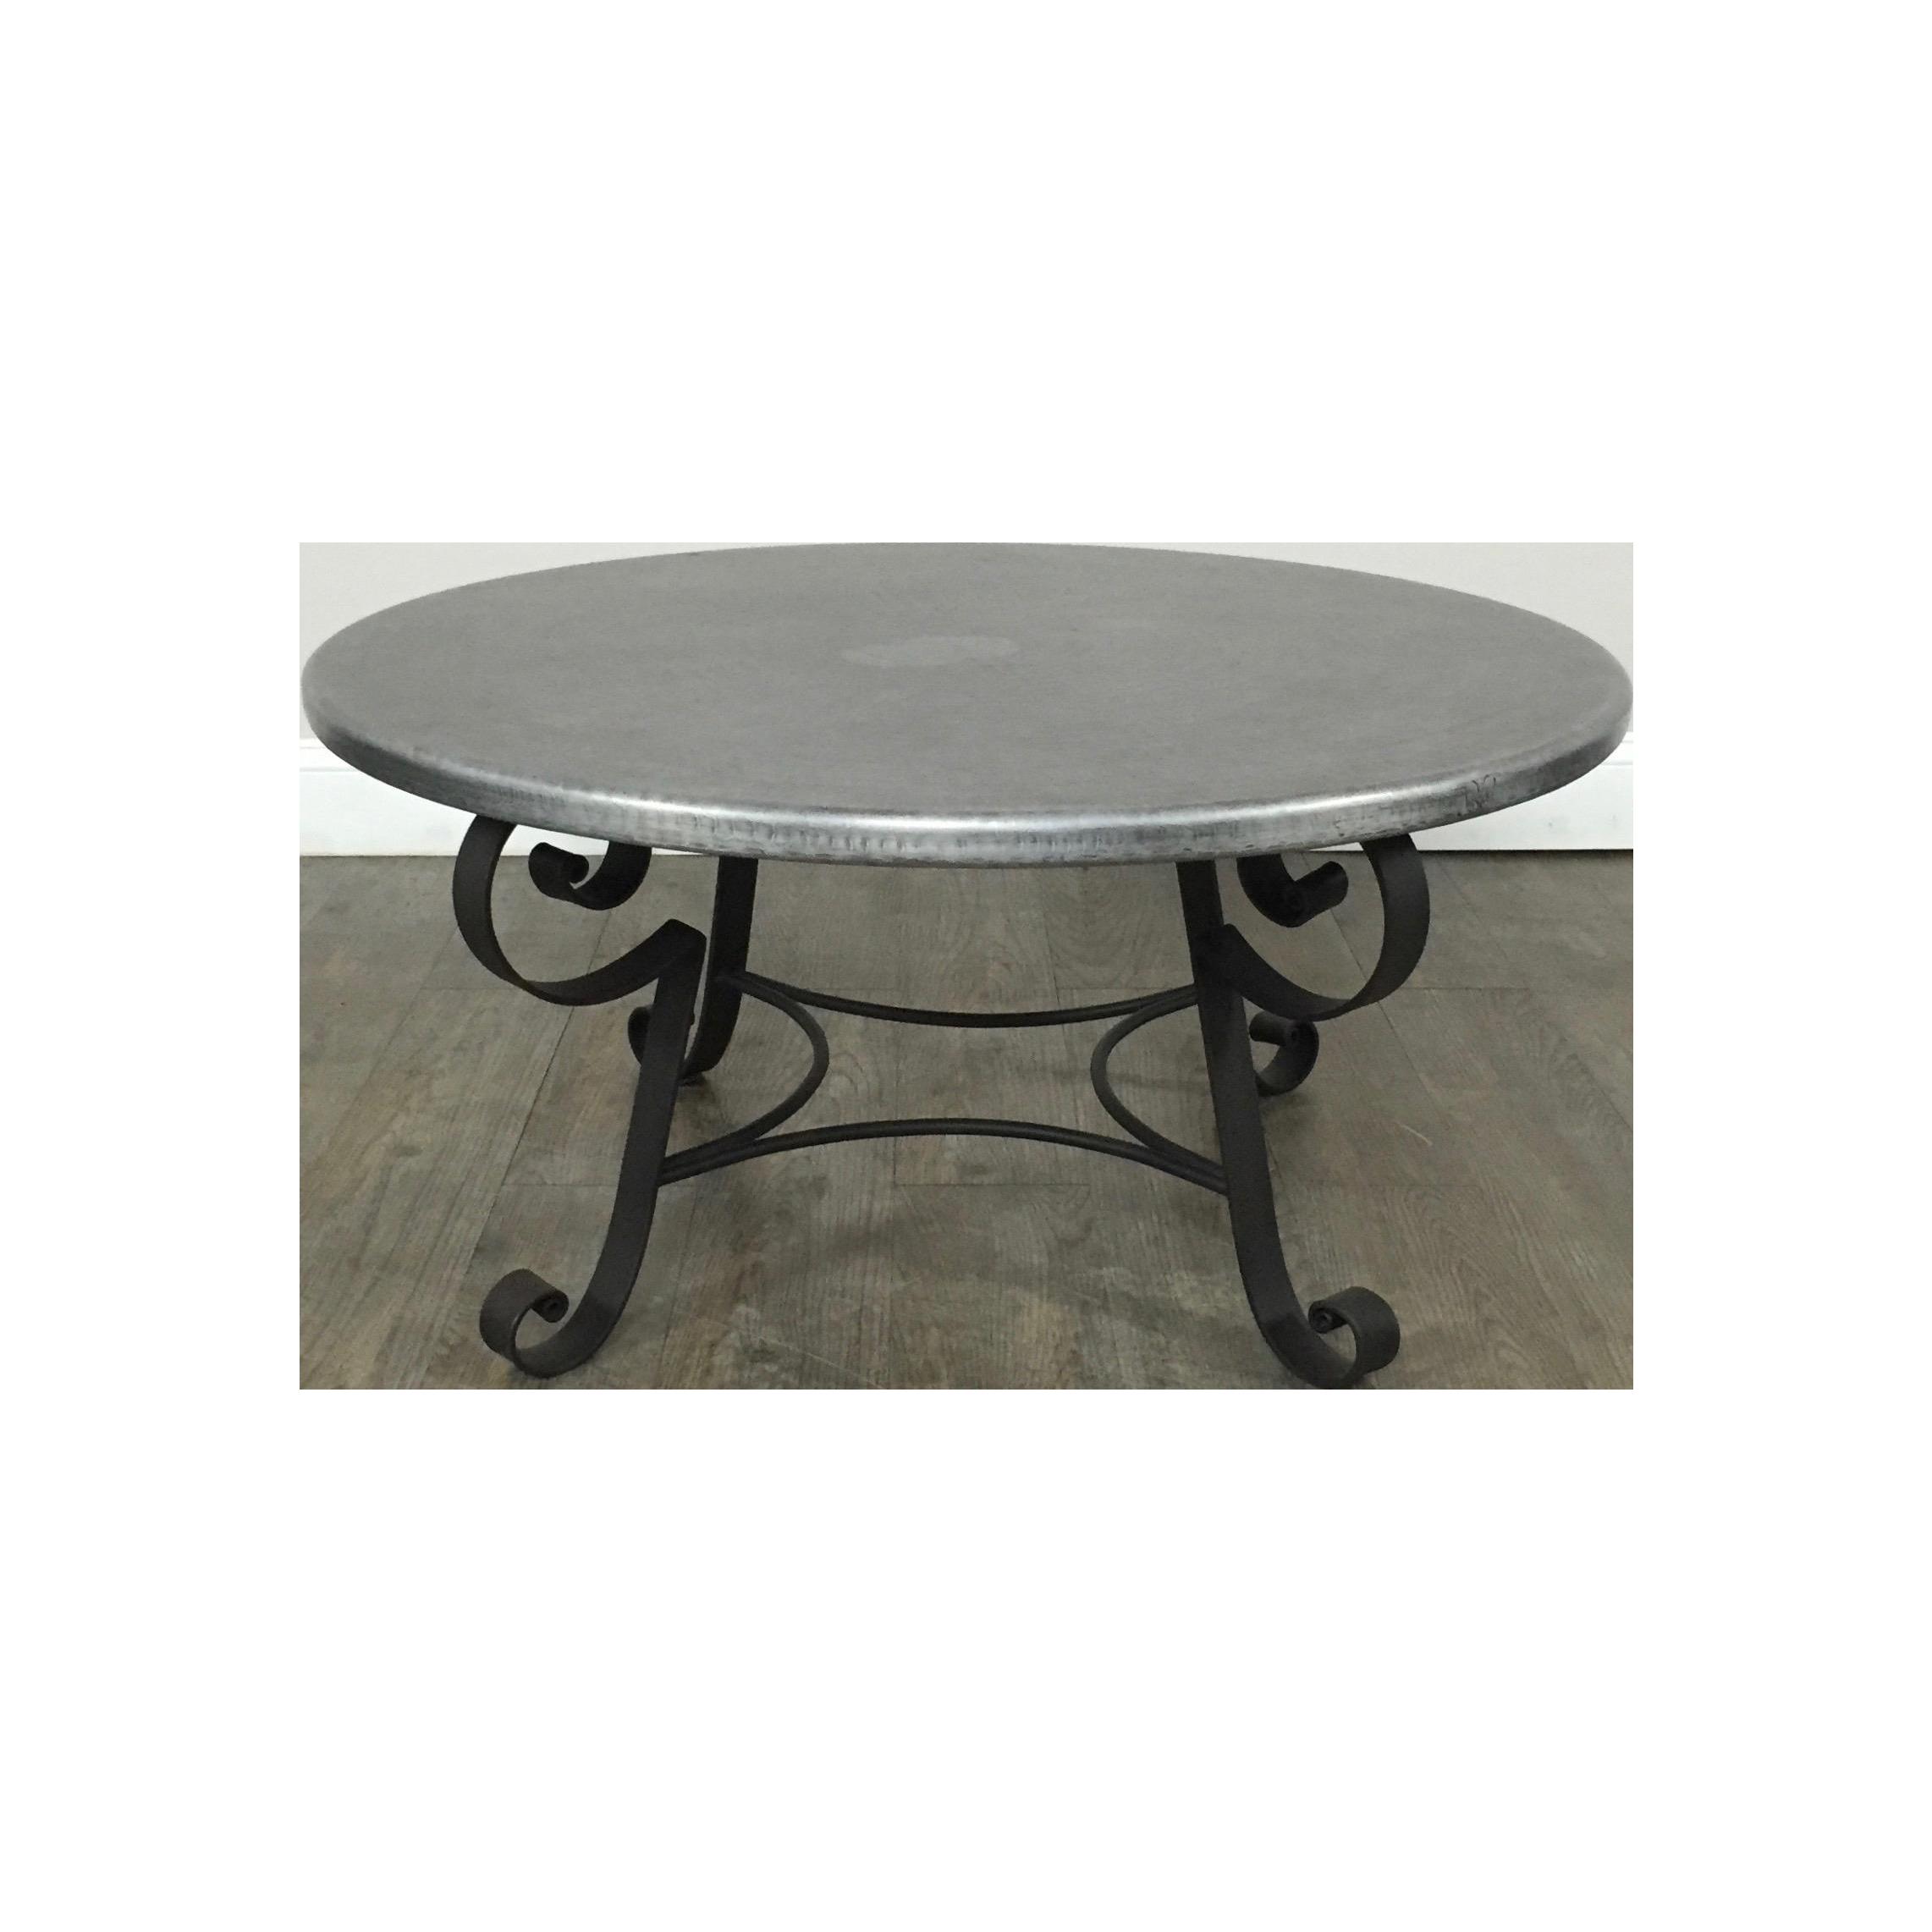 Zinc Top Coffee Table by Arhaus